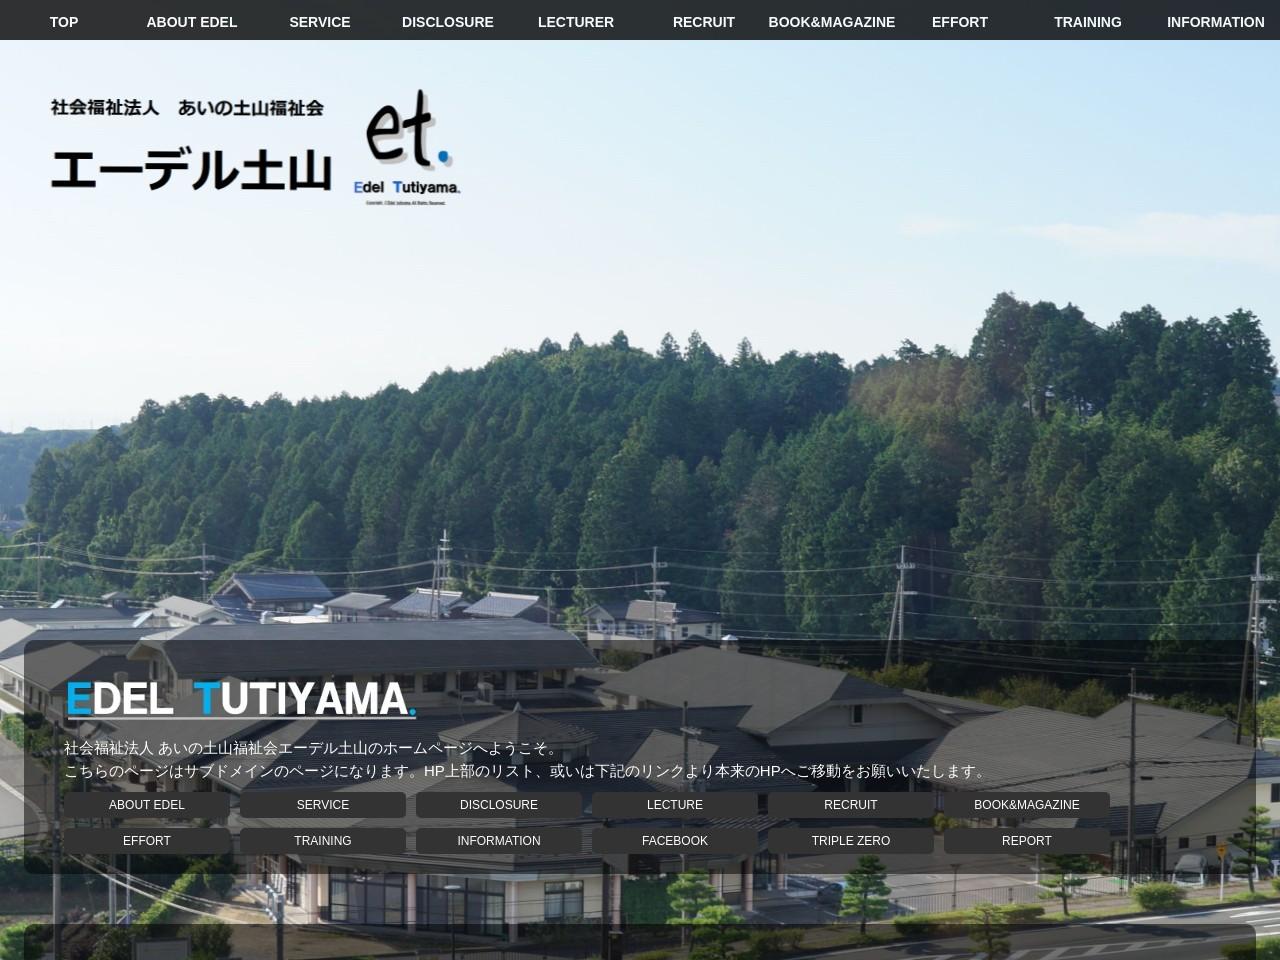 エーデル土山-滋賀県甲賀市の特別養護老人ホーム-